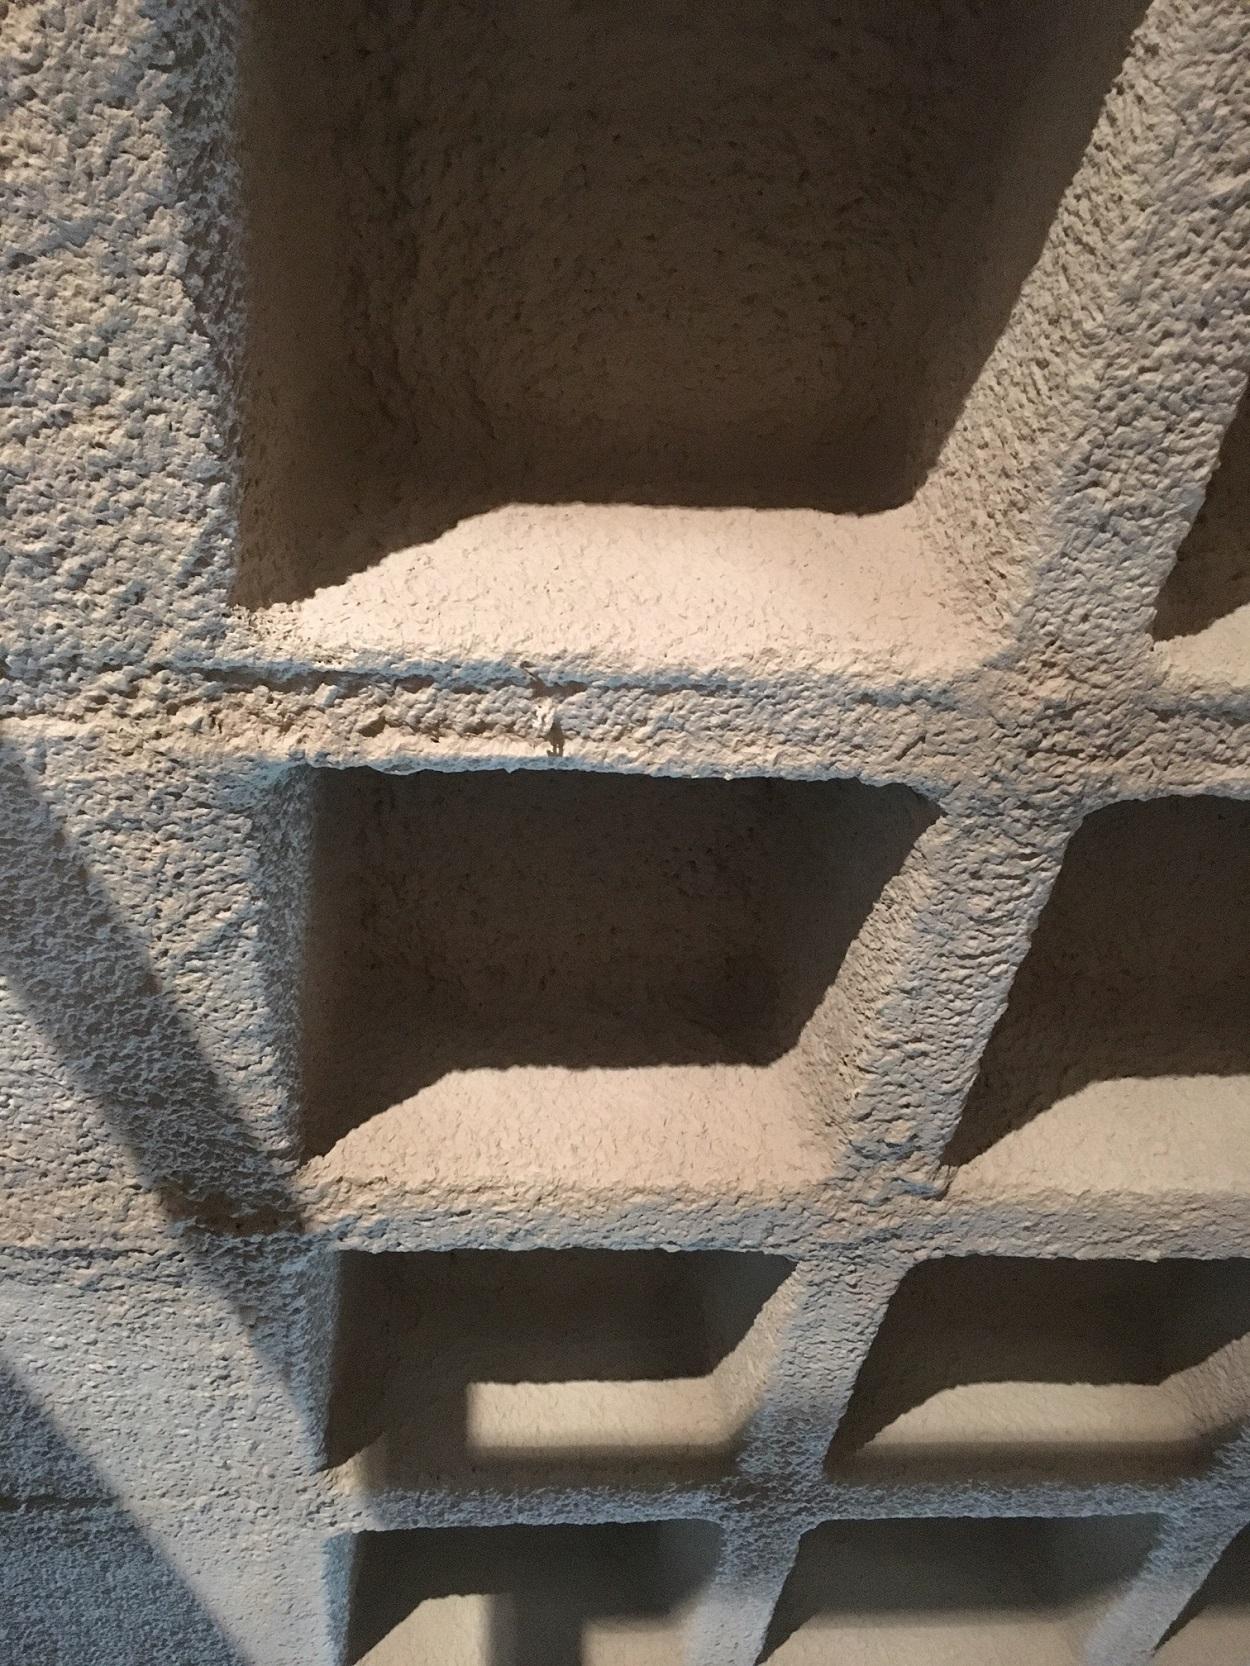 Protección pasiva contra el fuego Protección pasiva con mortero de perlita y vermiculita